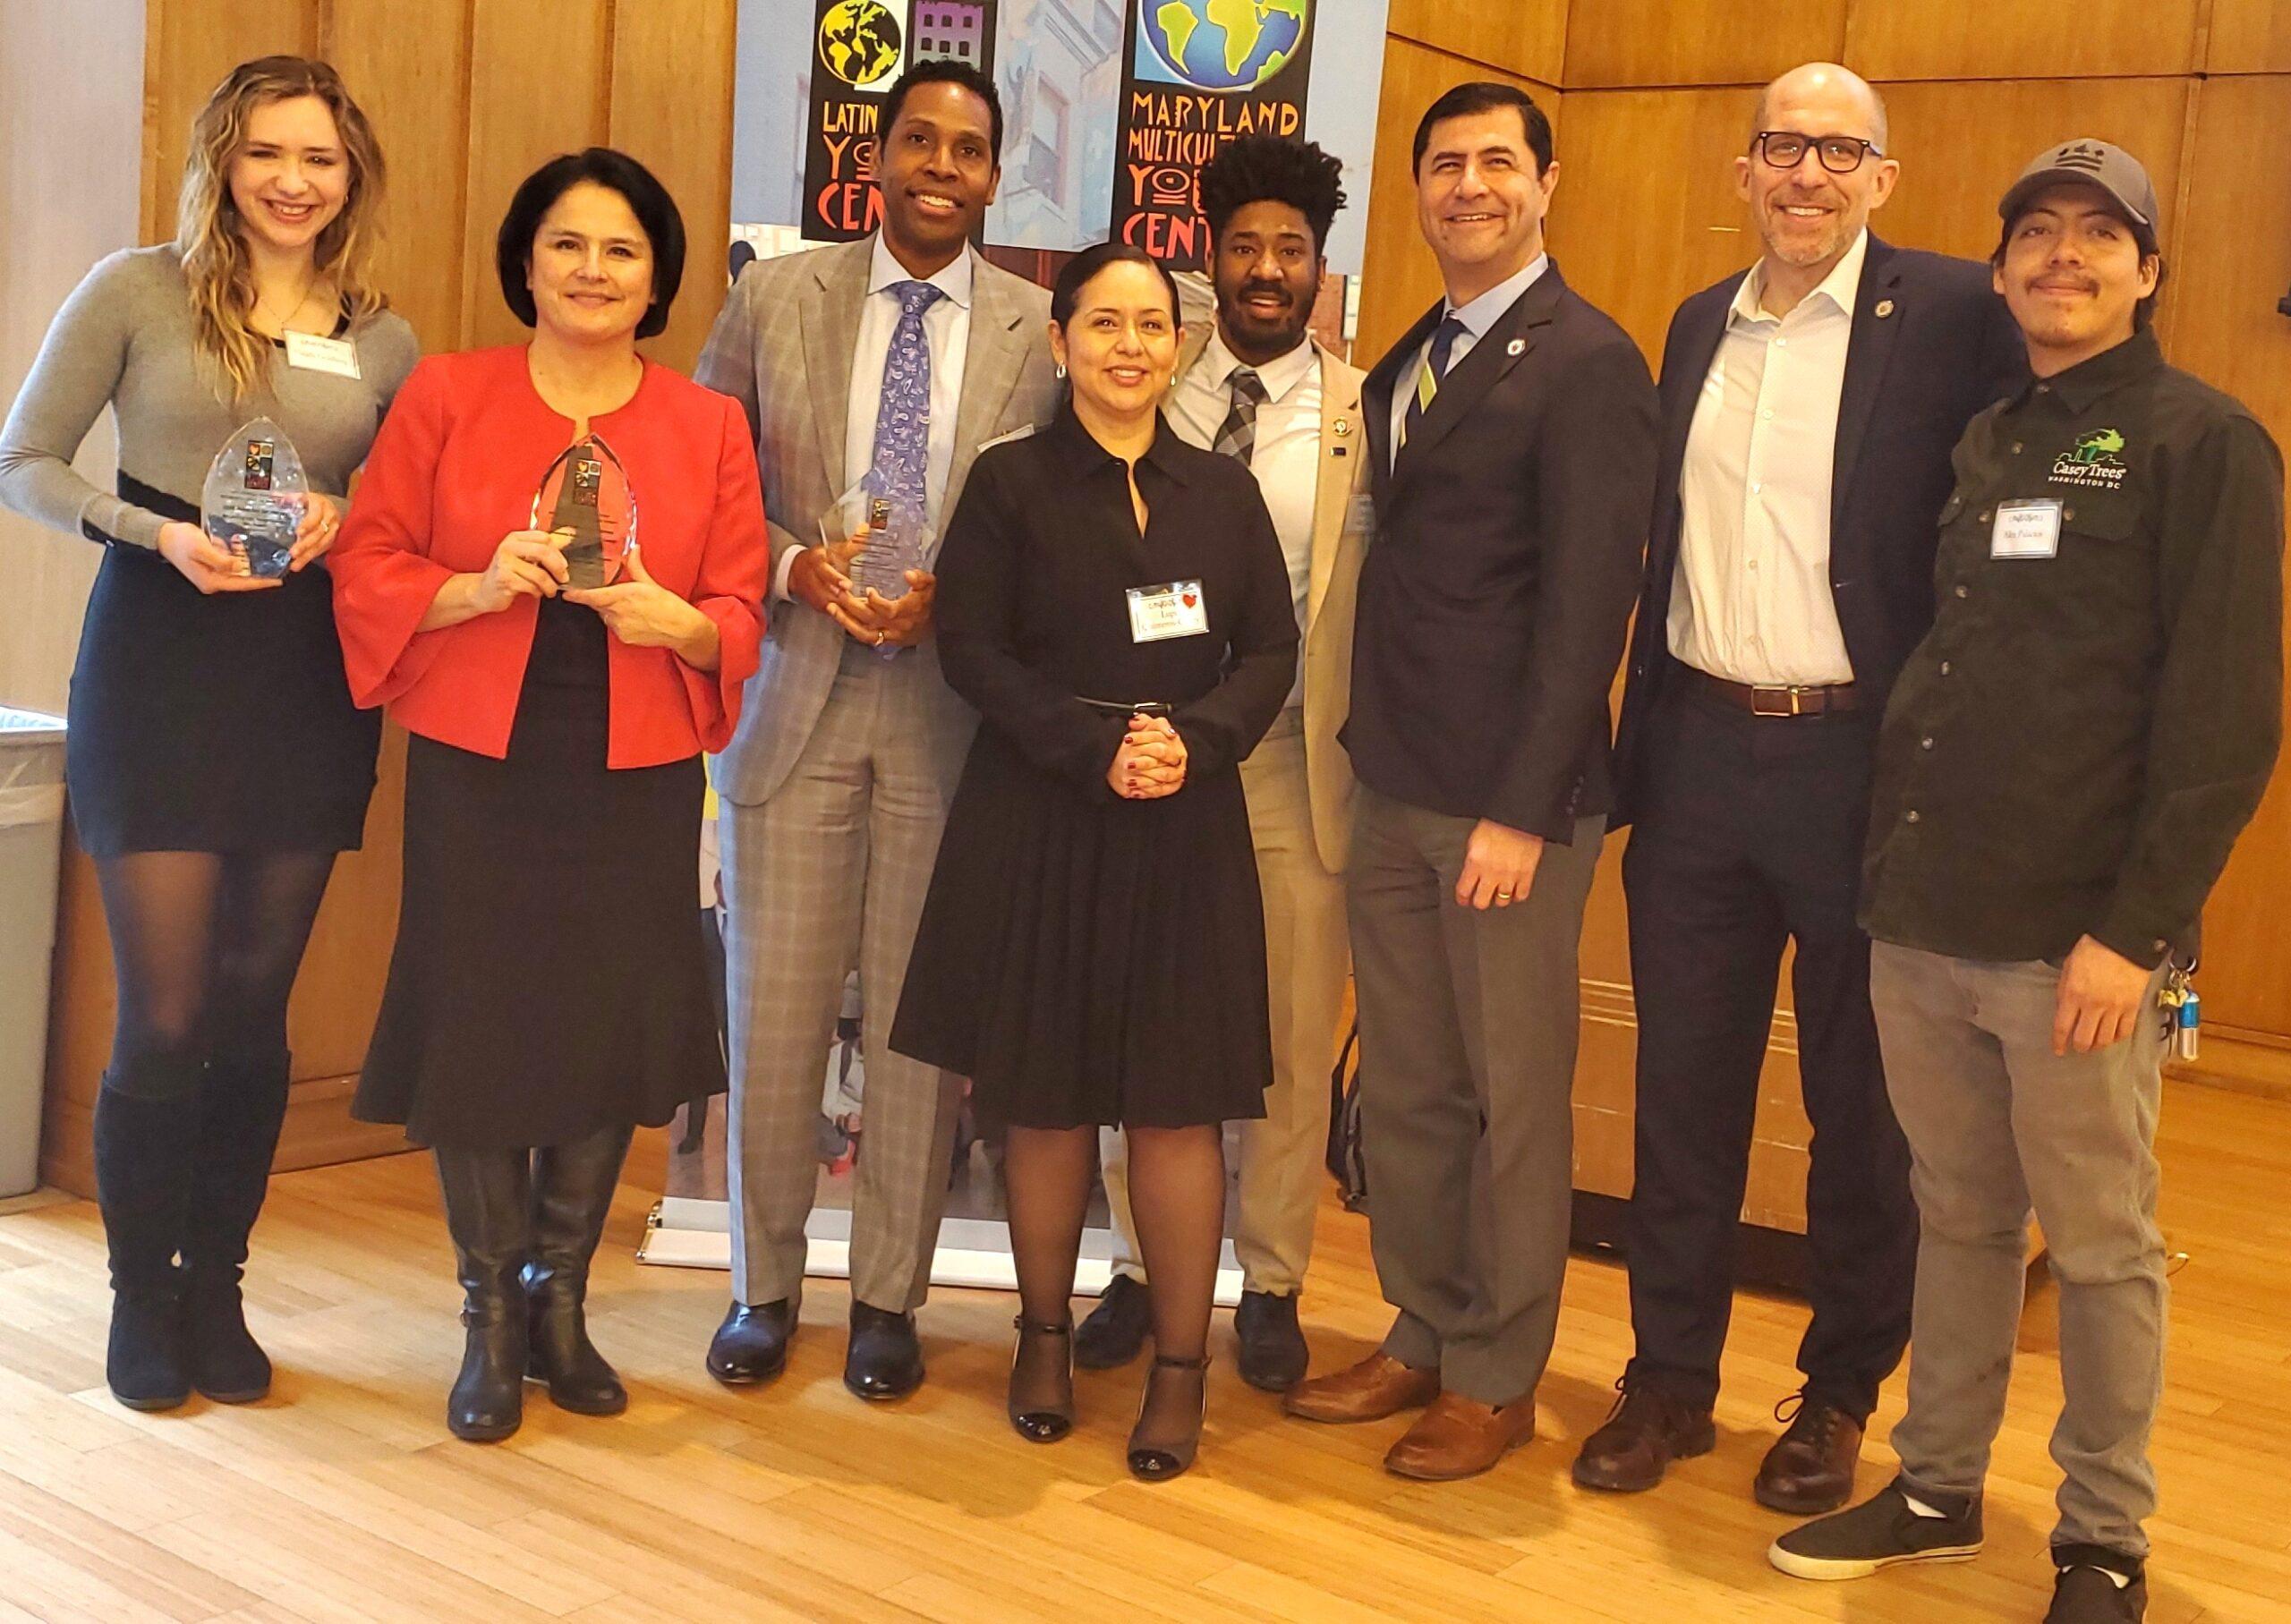 Latin American Youth Center: sinónimo de esperanza juvenil